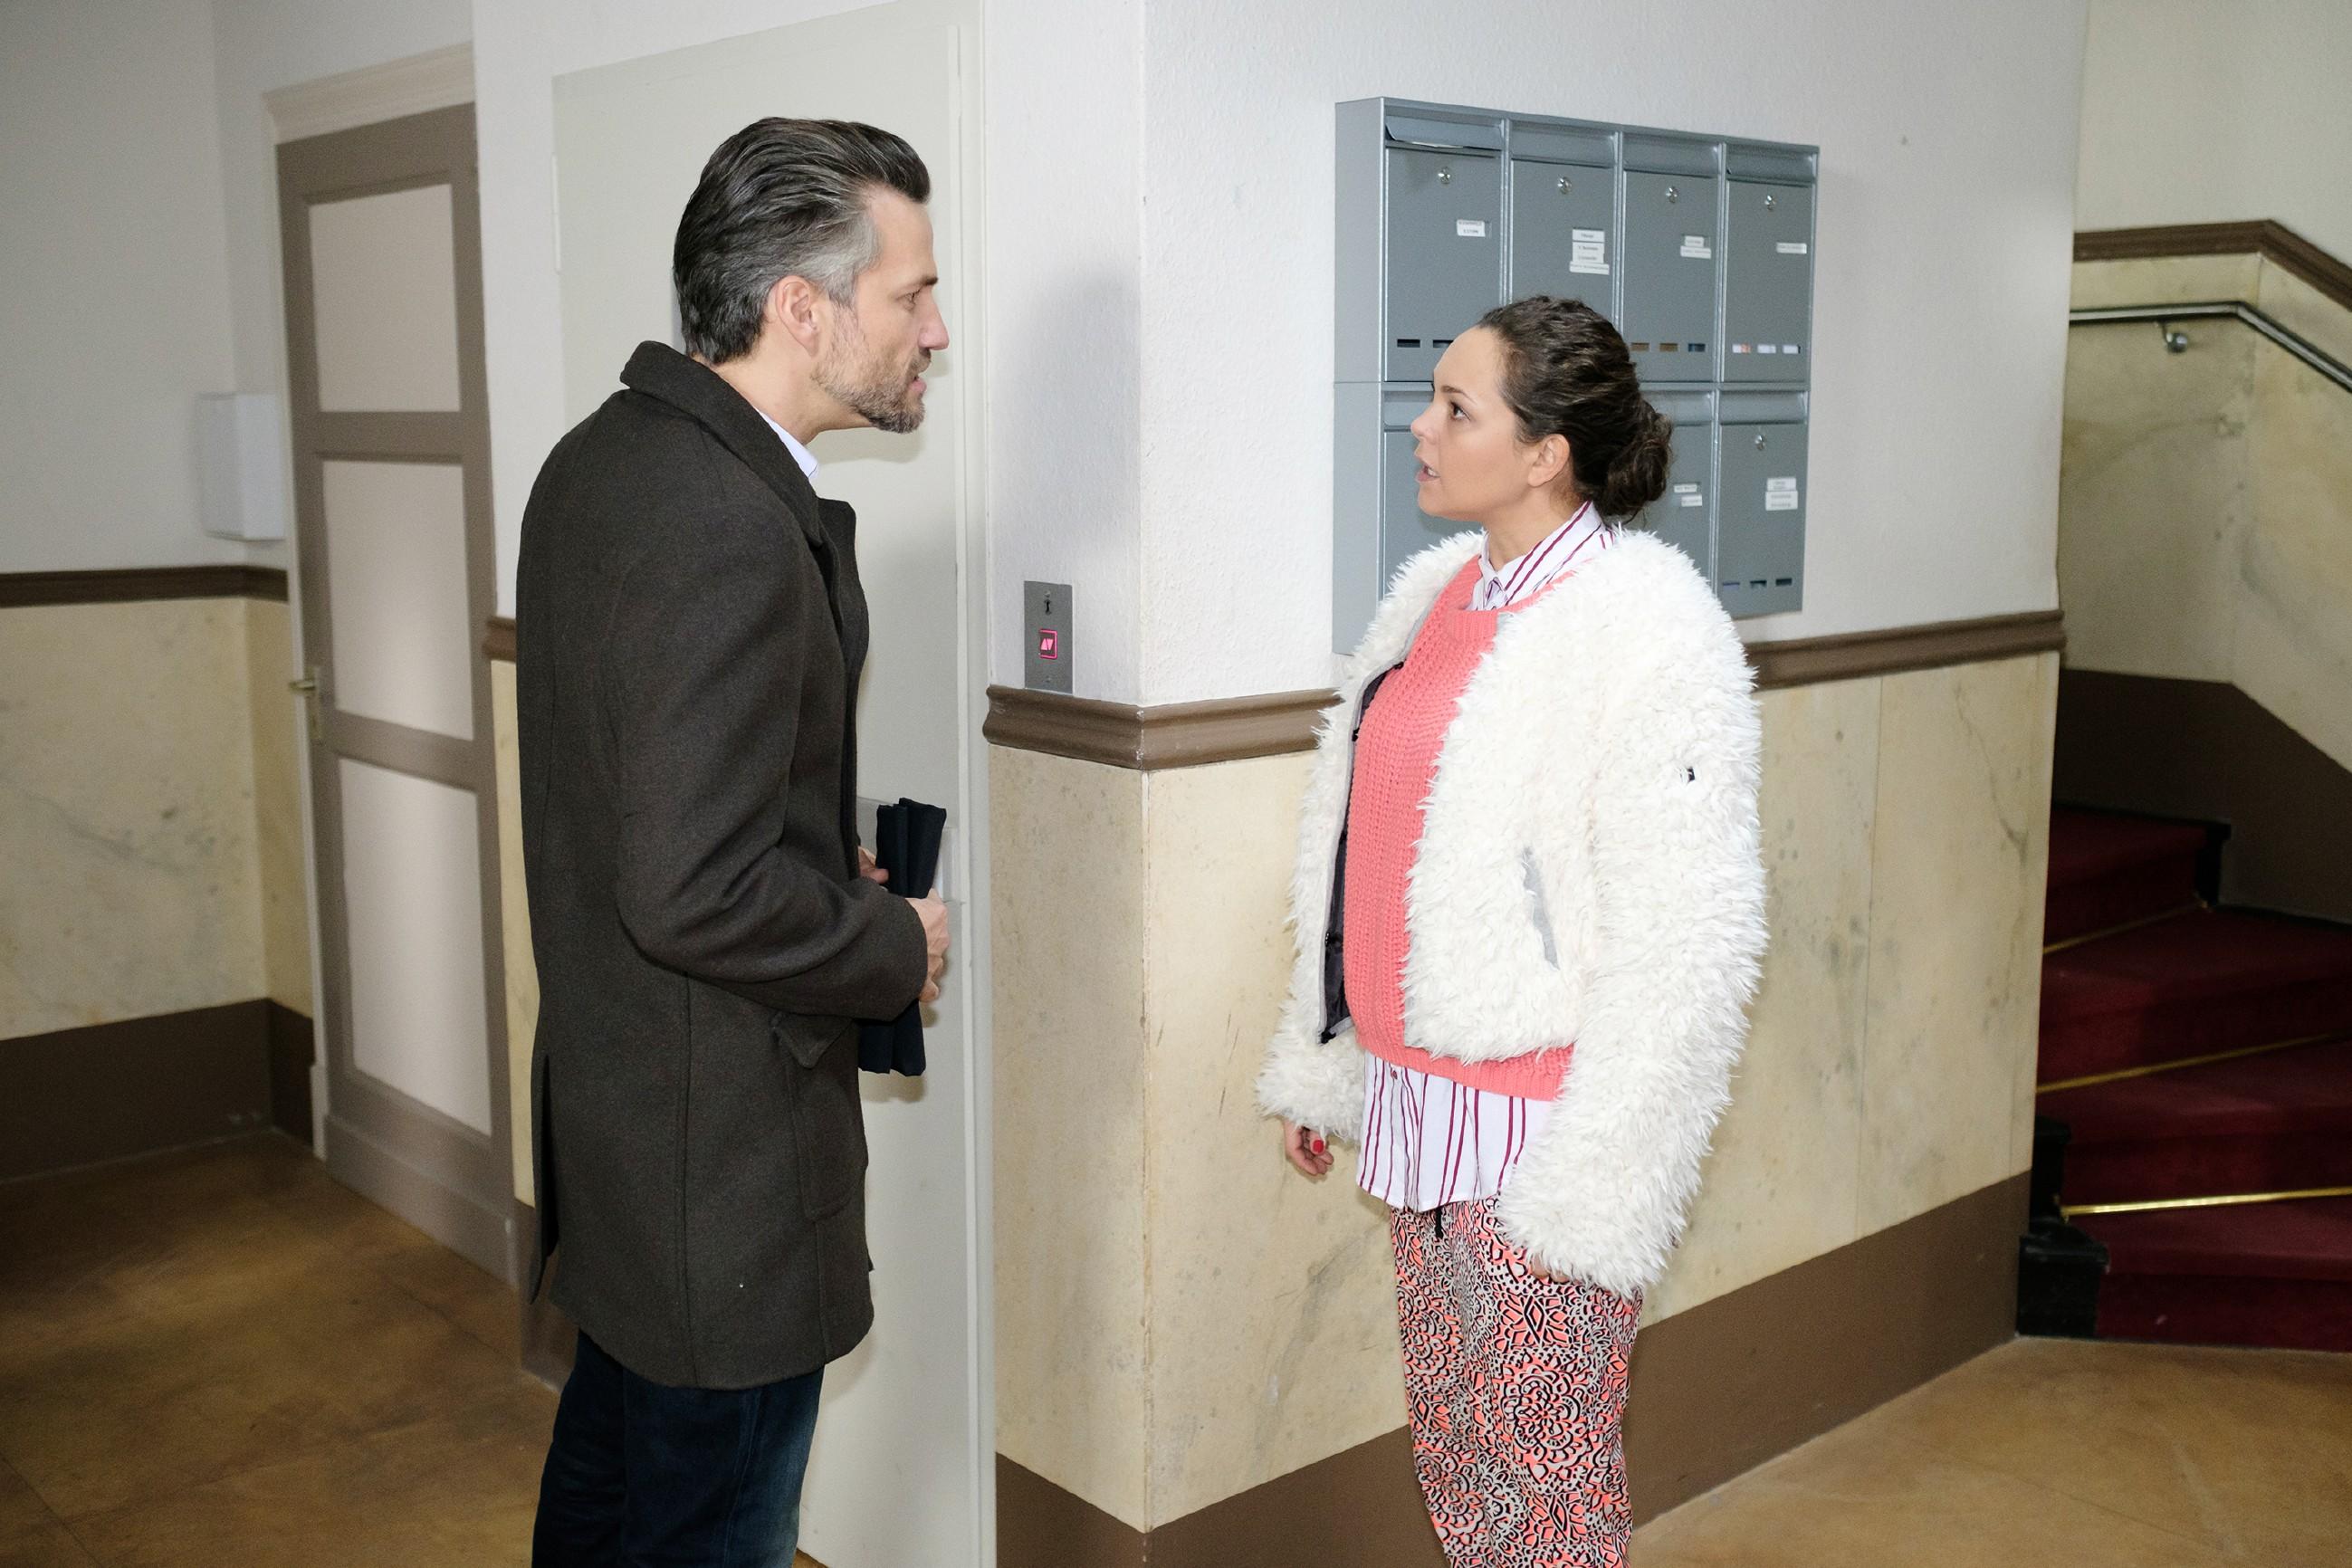 In ihrer Verletzung gehen Caro (Ines Kurenbach) und Malte (Stefan Bockelmann) auf Konfrontationskurs. (Quelle: RTL / Stefan Behrens)